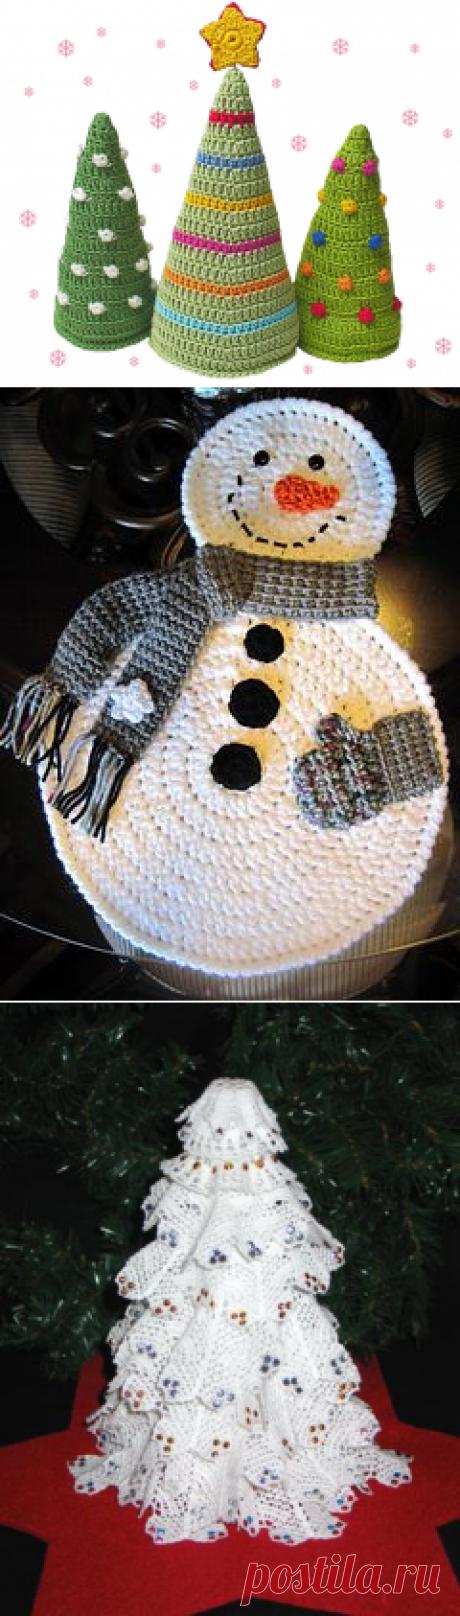 Новогодние идеи для вязания крючком